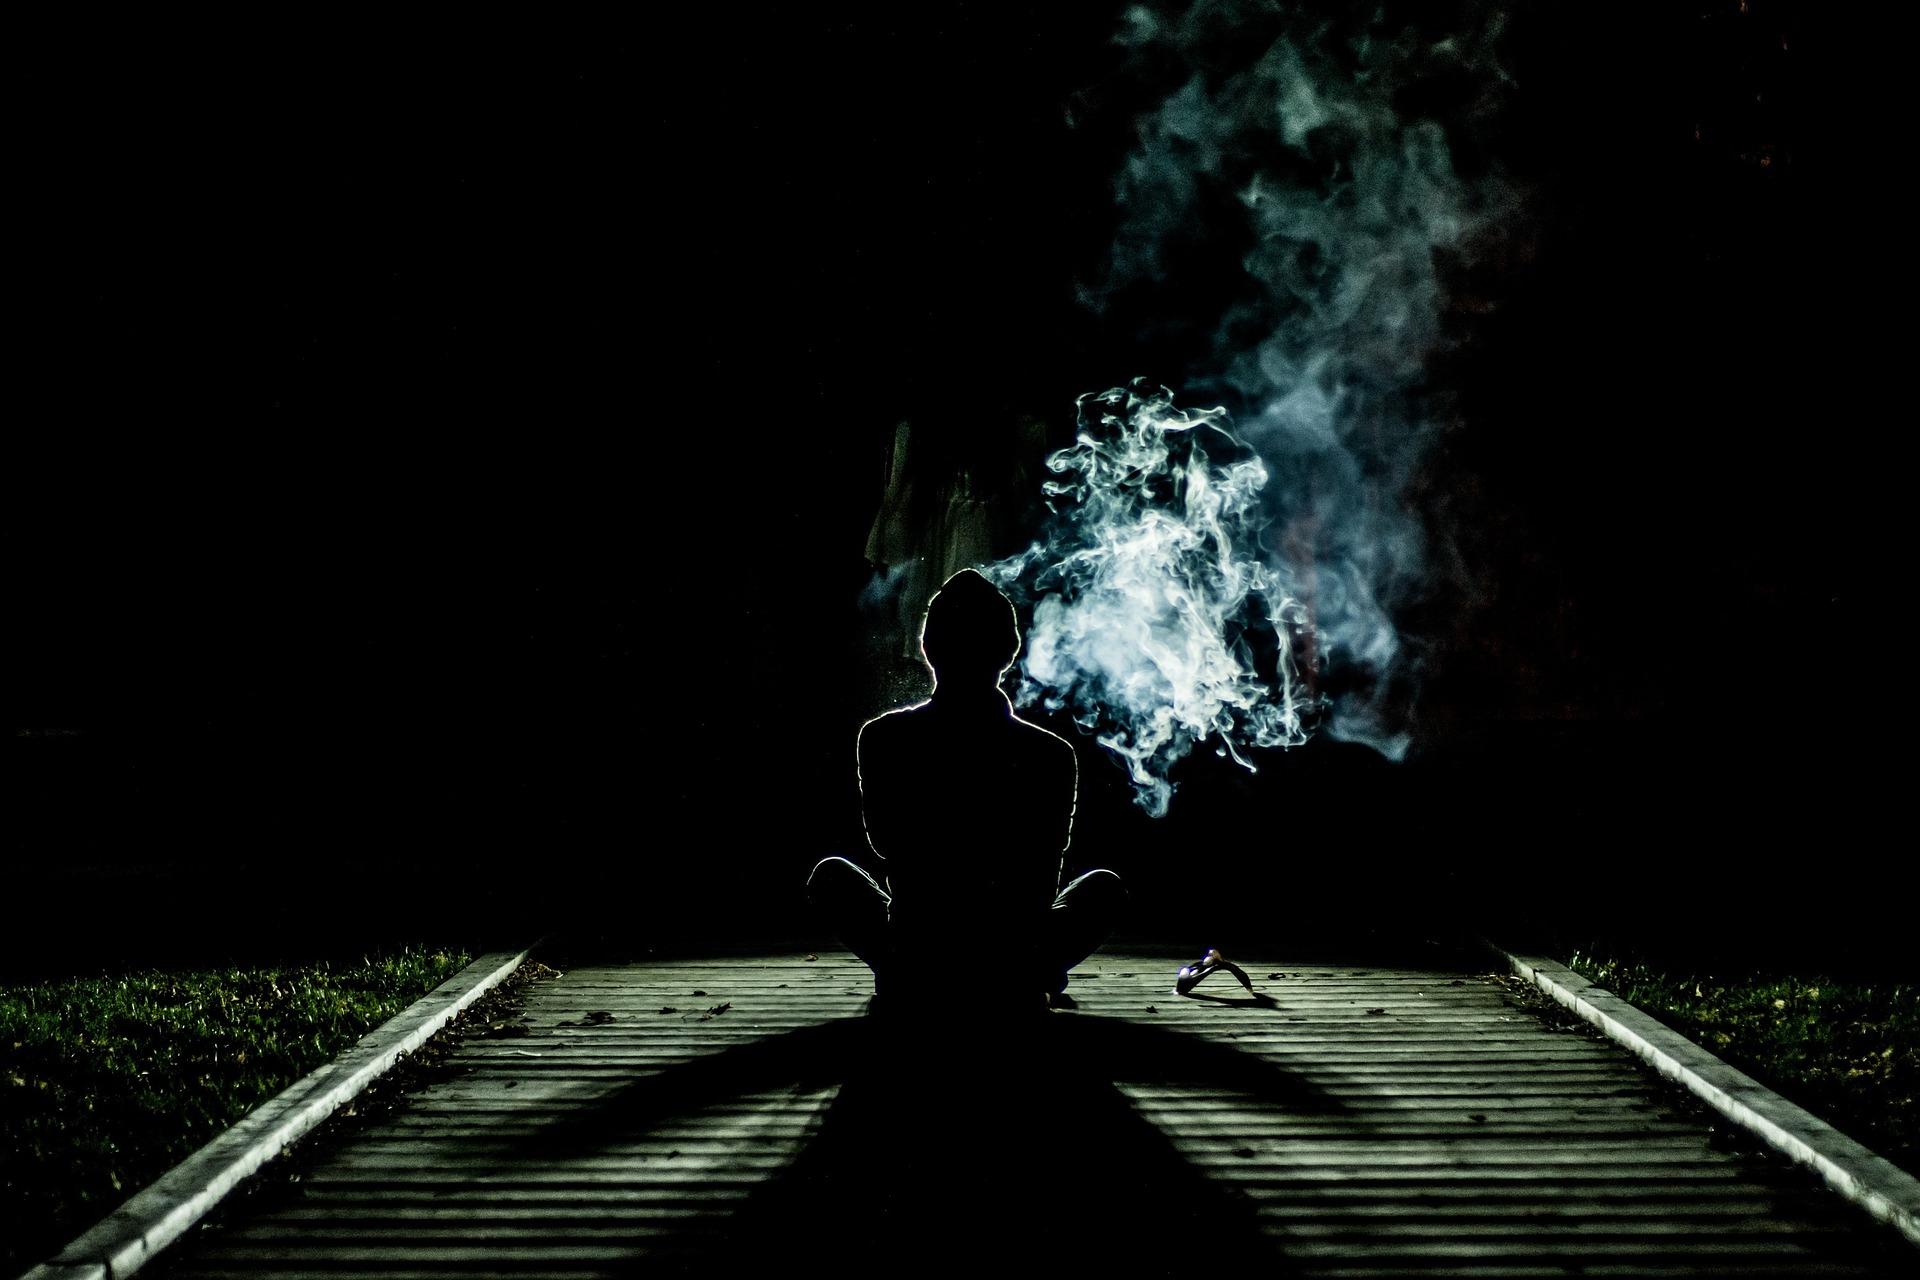 smoke-1031060_1920.jpg